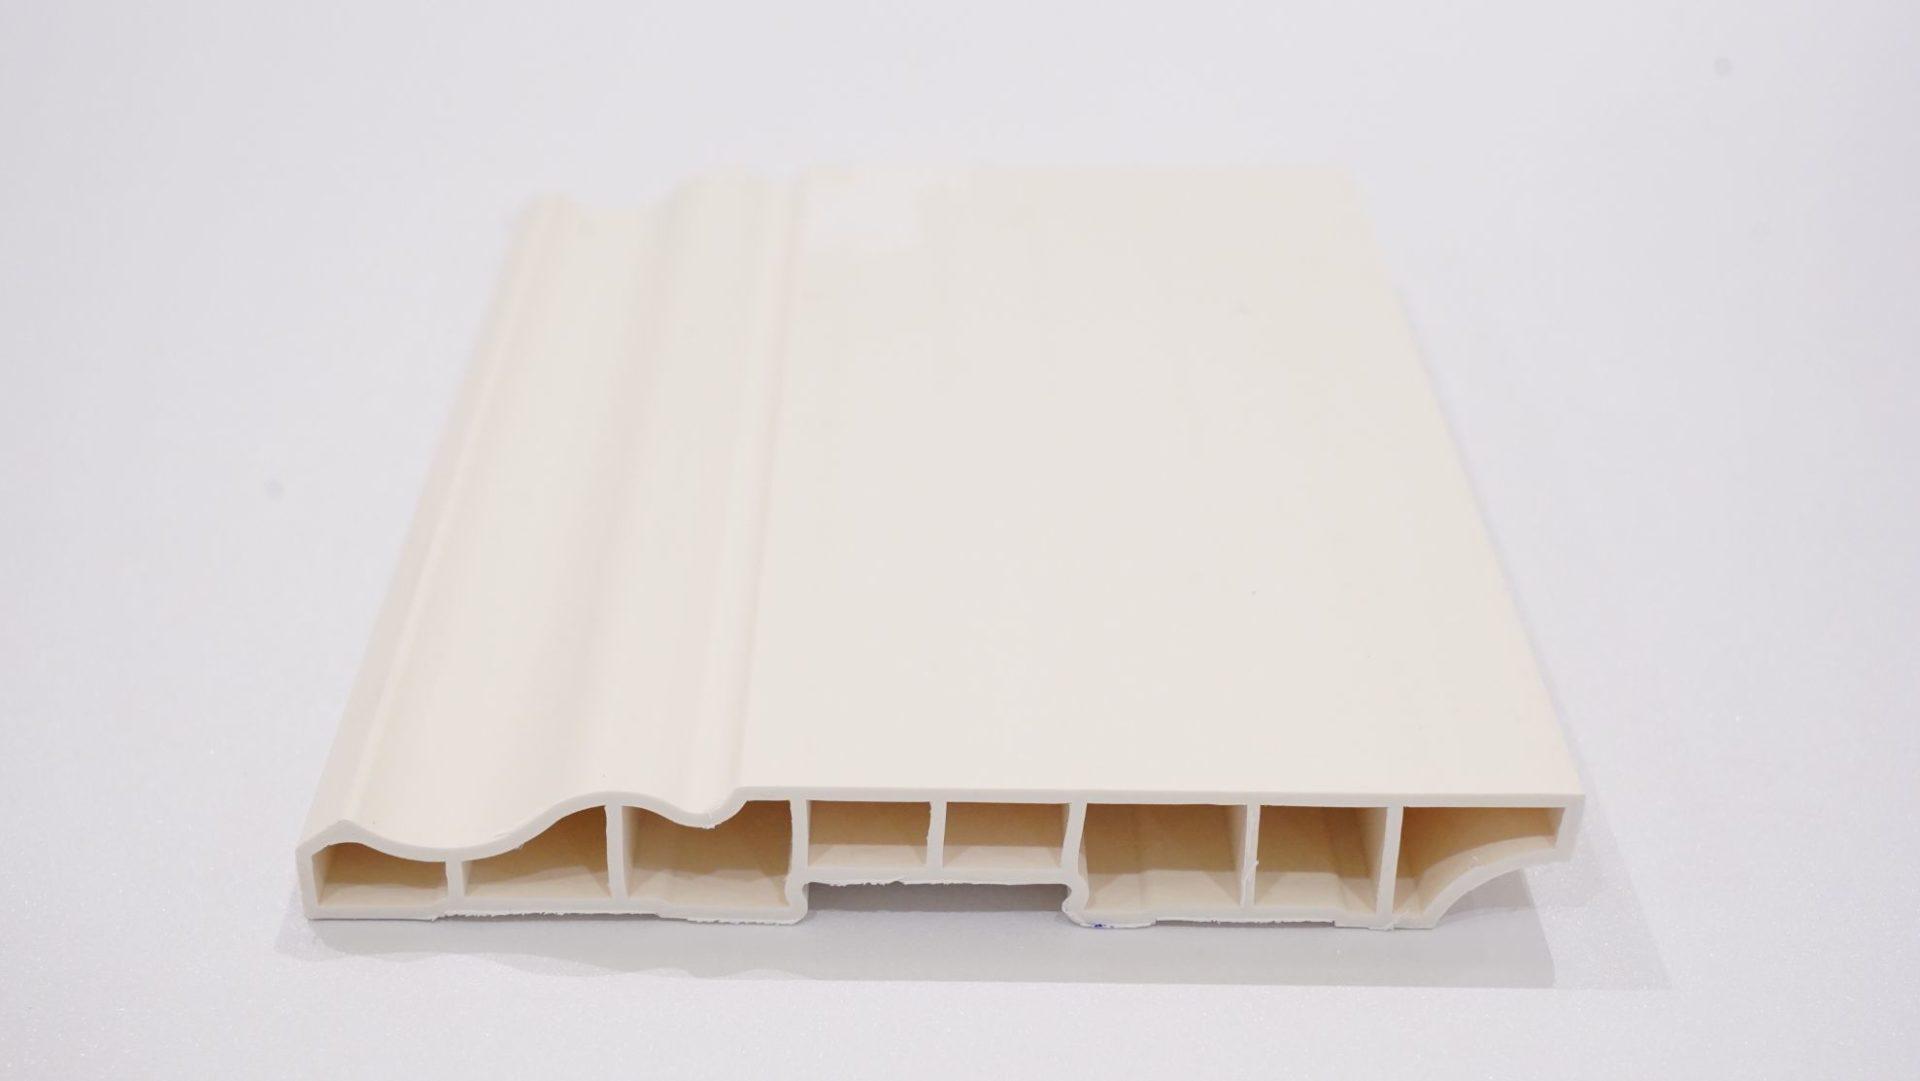 Phào chân tường 150 - AnPro decorative molding